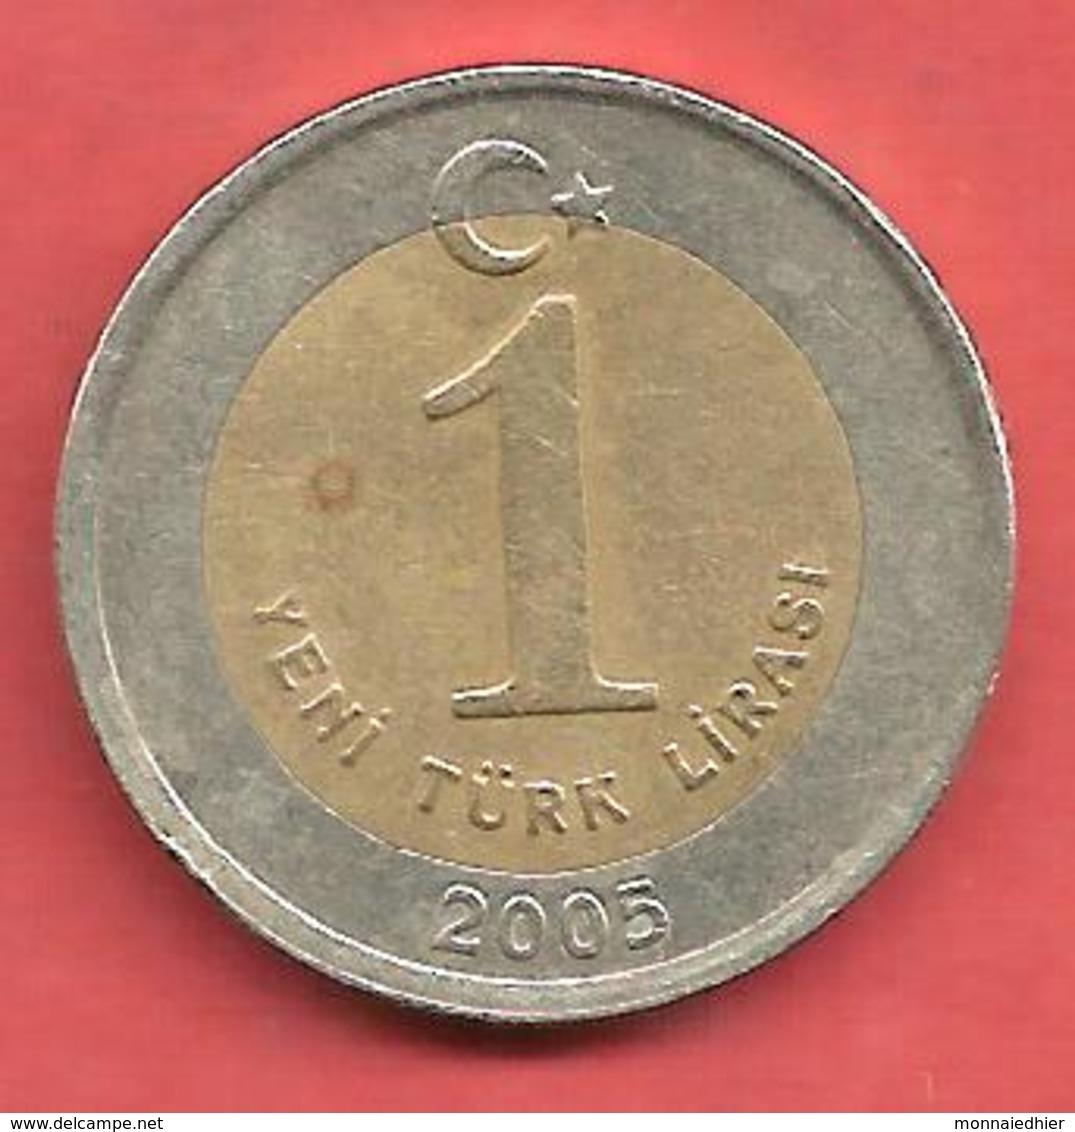 1 Yeni Lira ( Nouvelle Lire ) , TURQUIE , Centre: Nickel-Bronze , Couronne: Cupro-Nickel , 2005 , N° KM # 1169 - Turquie